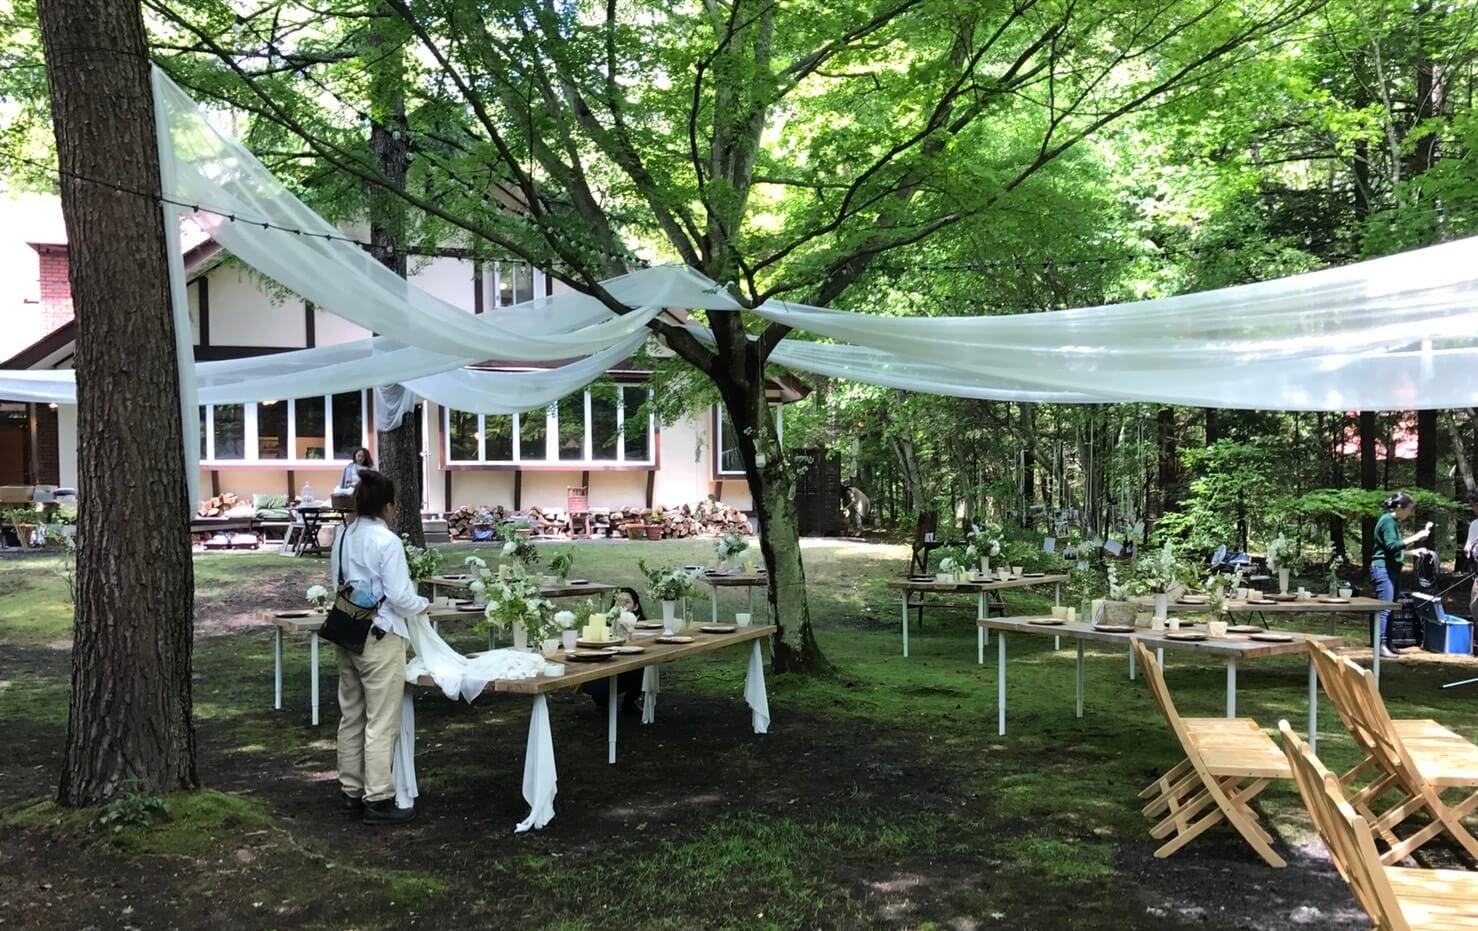 【軽井沢町】豊かな自然に包まれた結婚式の会場設営作業 ...